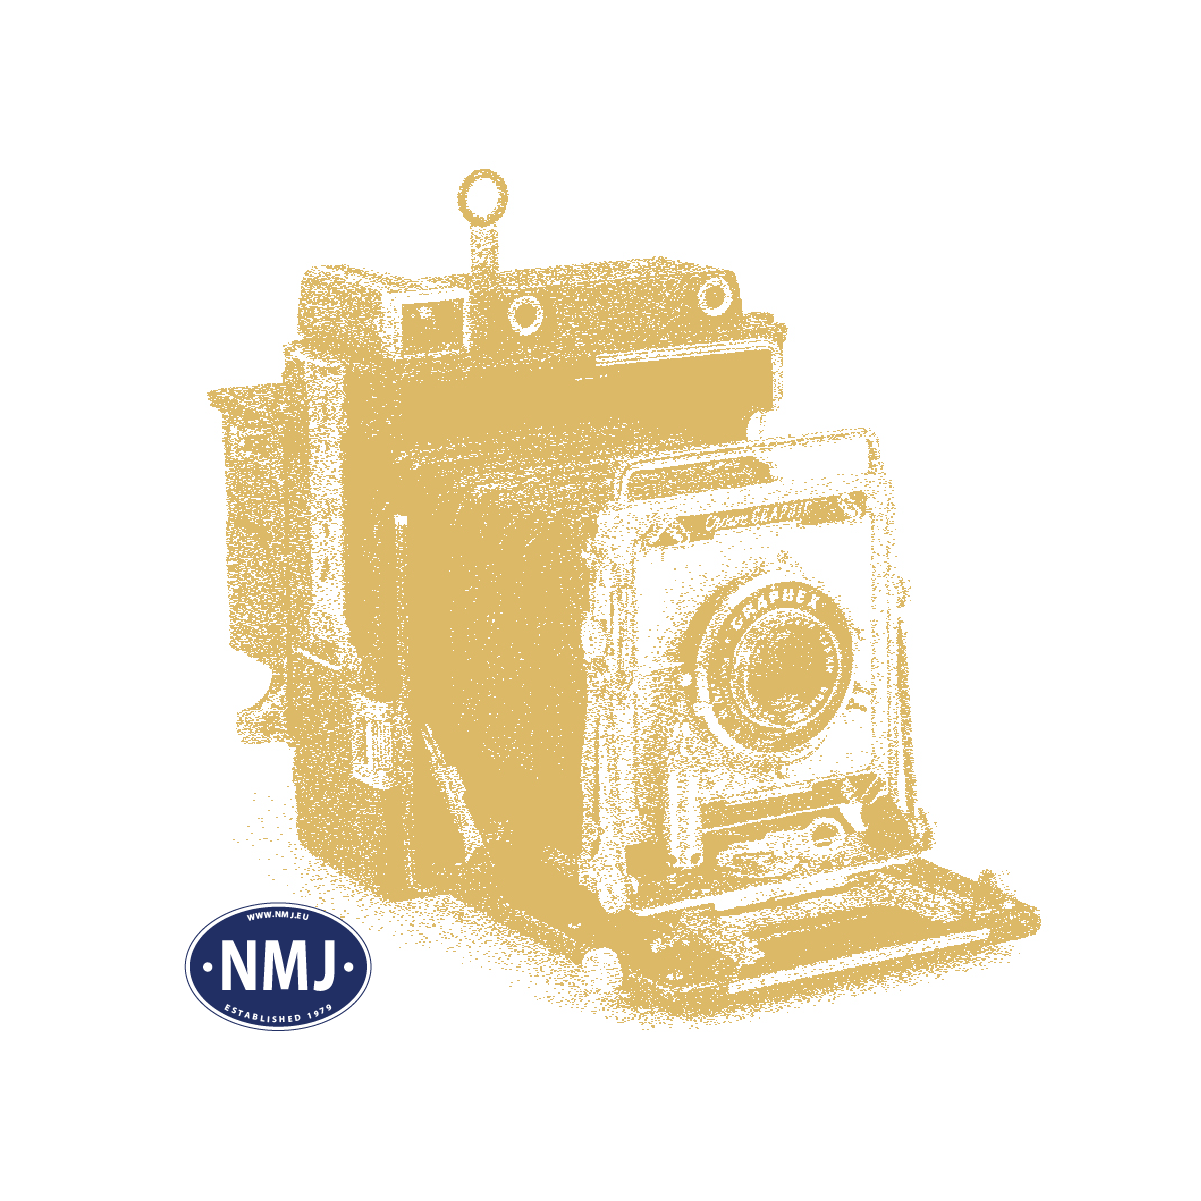 NMJT90404 - NMJ Topline SNCB 5407, DC